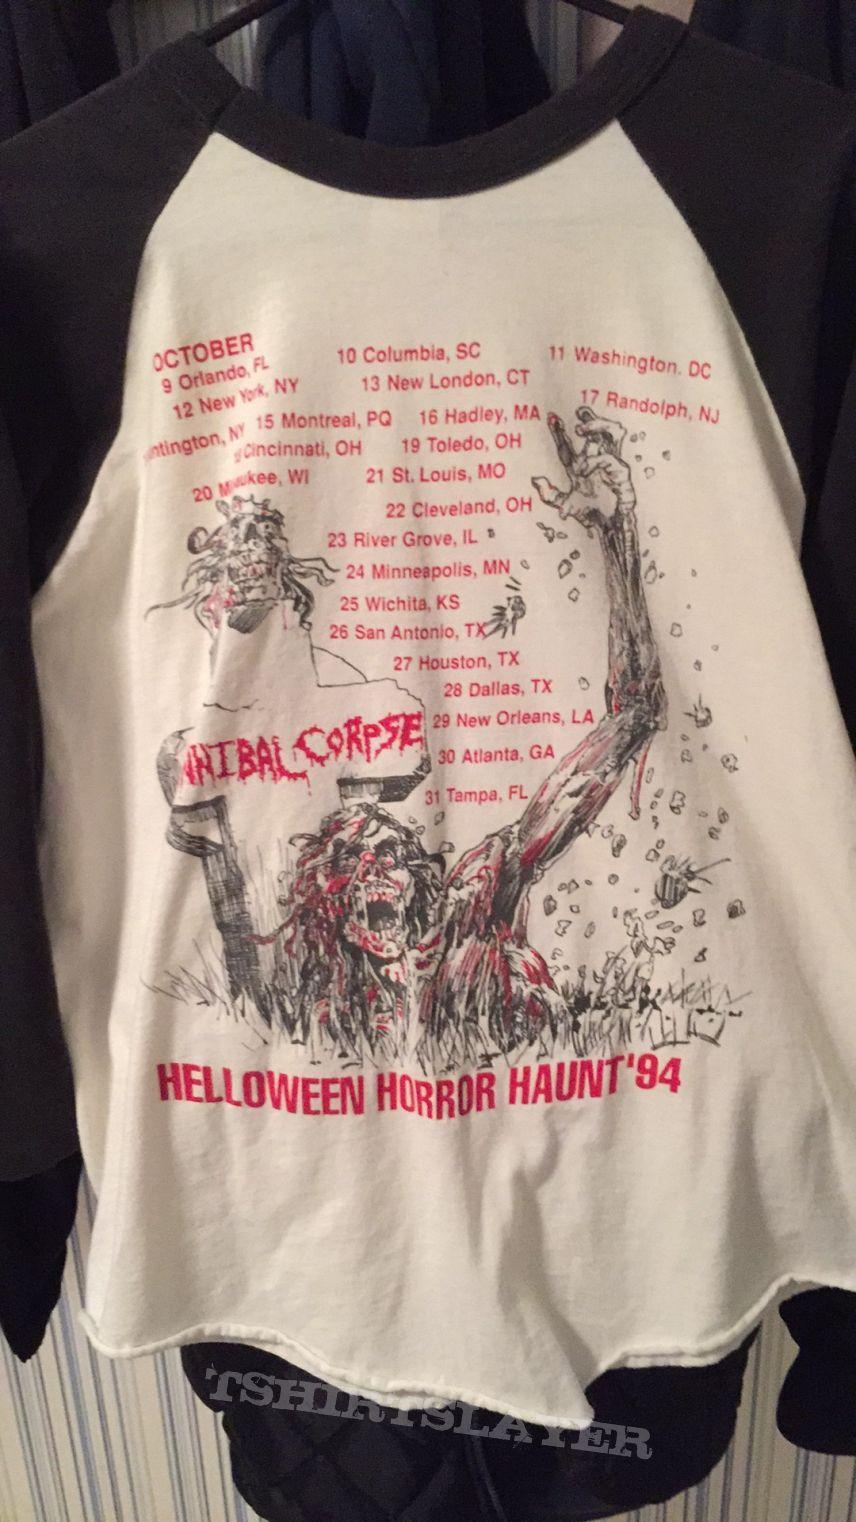 Cannibal Corpse Helloween Horror Haunt '94